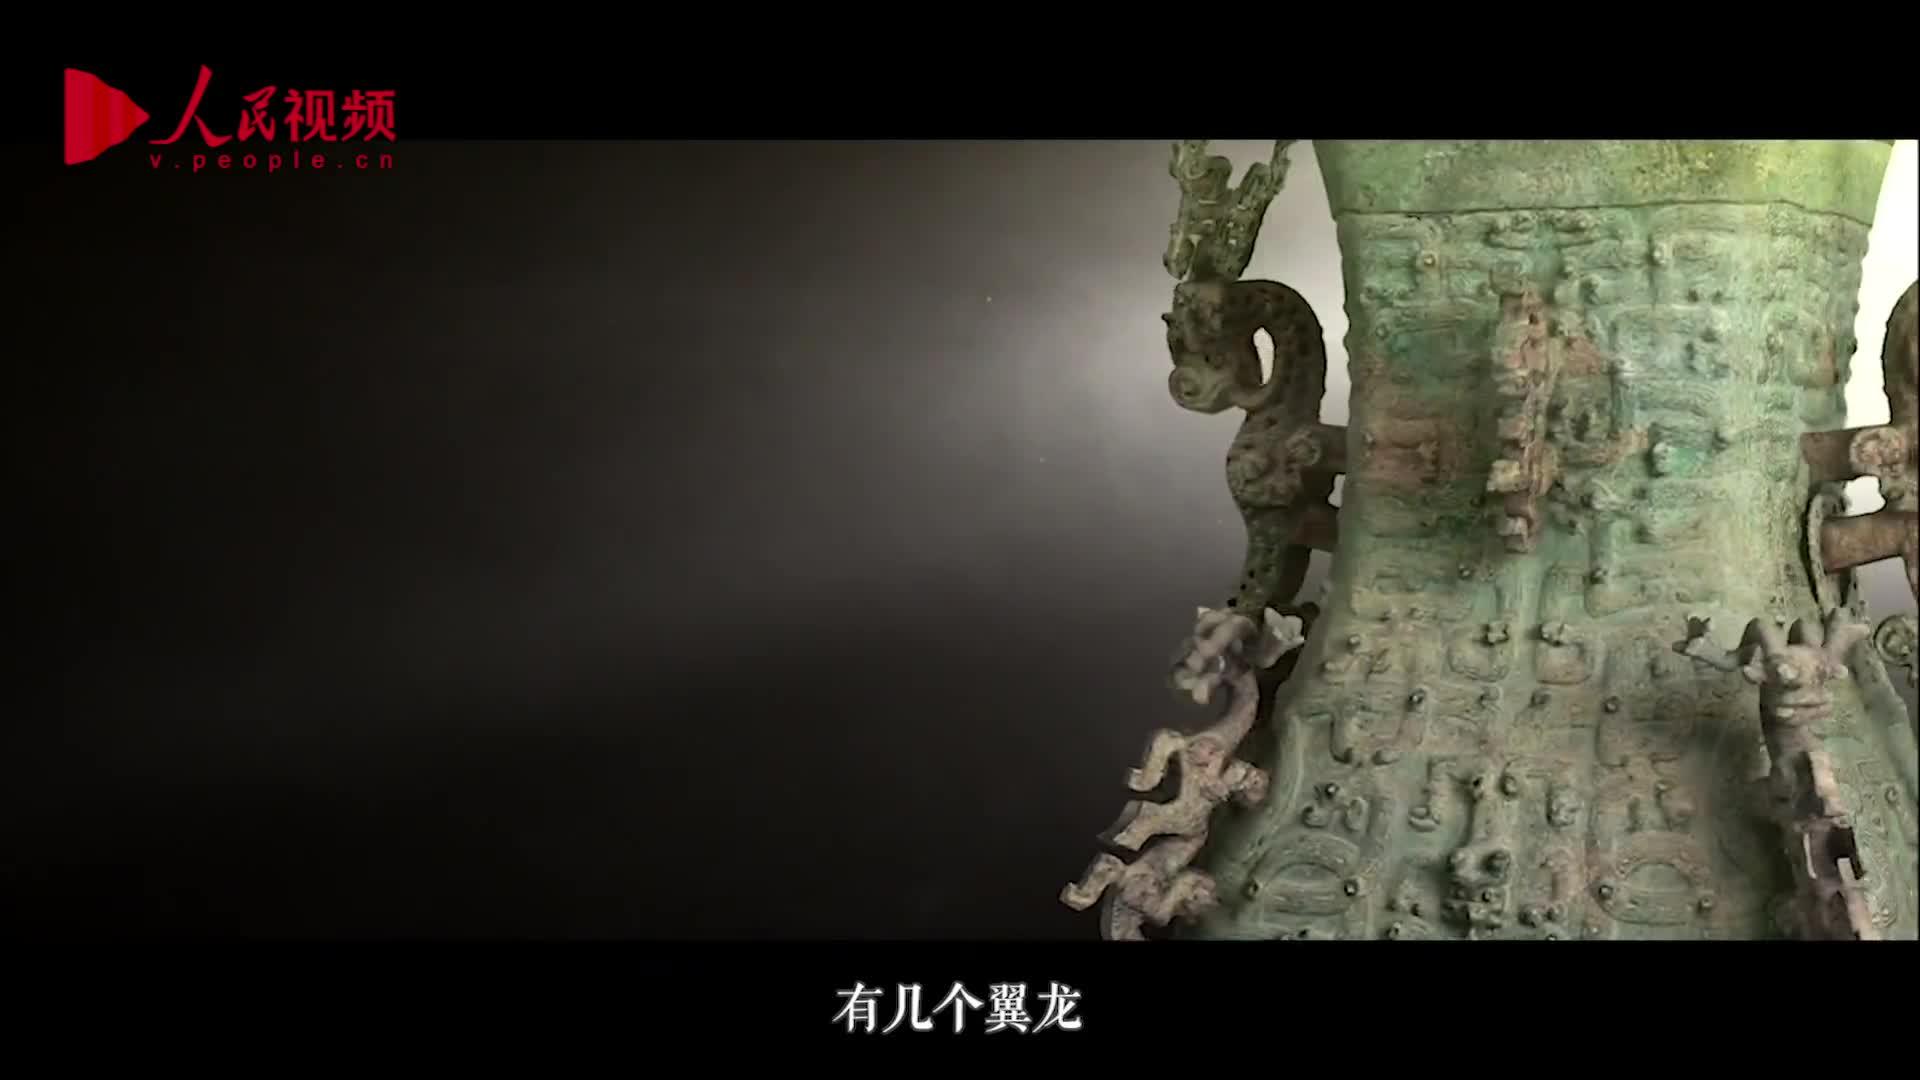 莲鹤方壶:青铜时代的绝唱